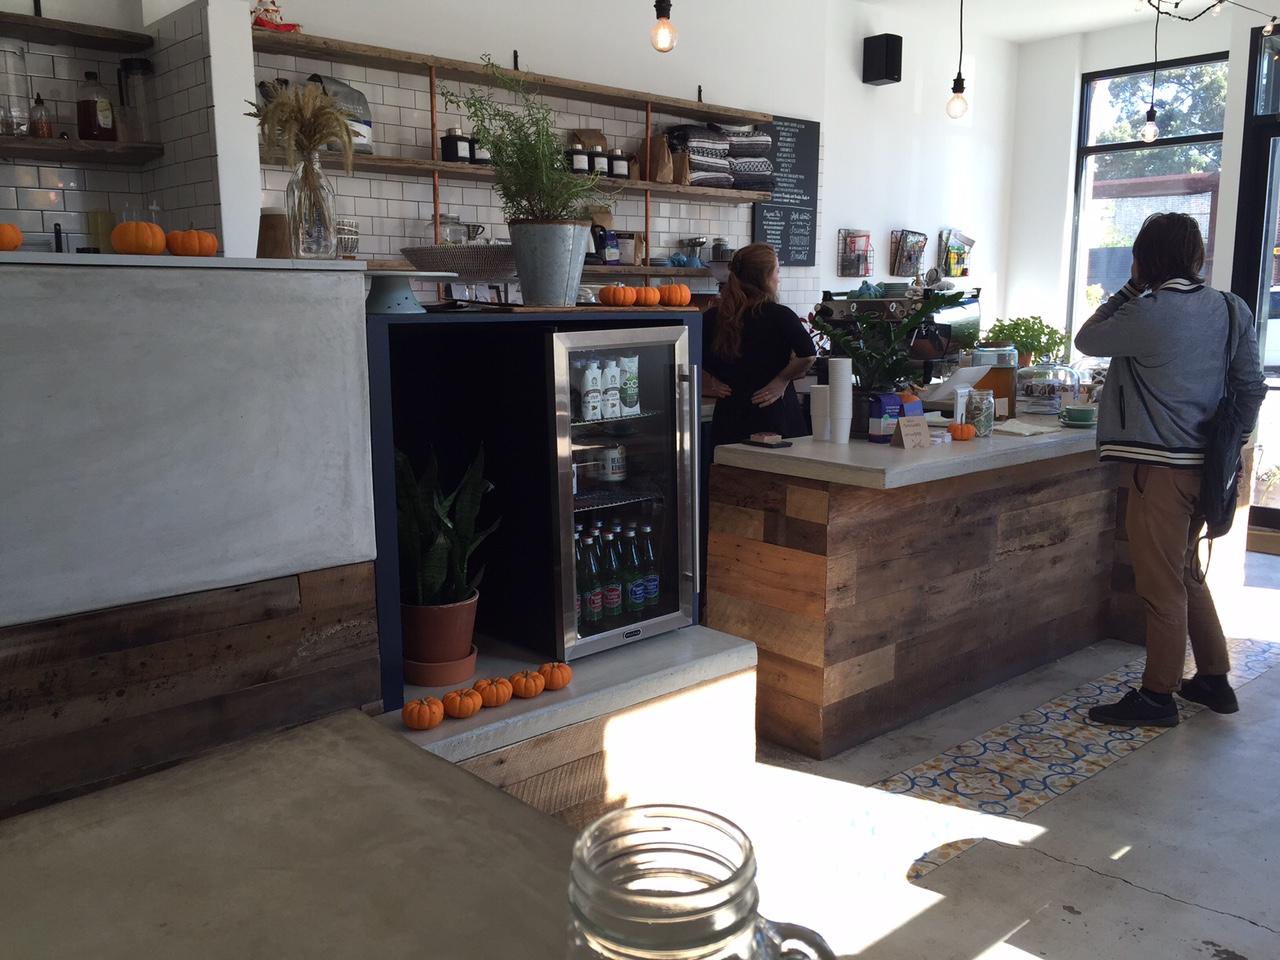 Tresen mit schöner Einrichtung Cafe in Brooklyn New York City Stonefruit